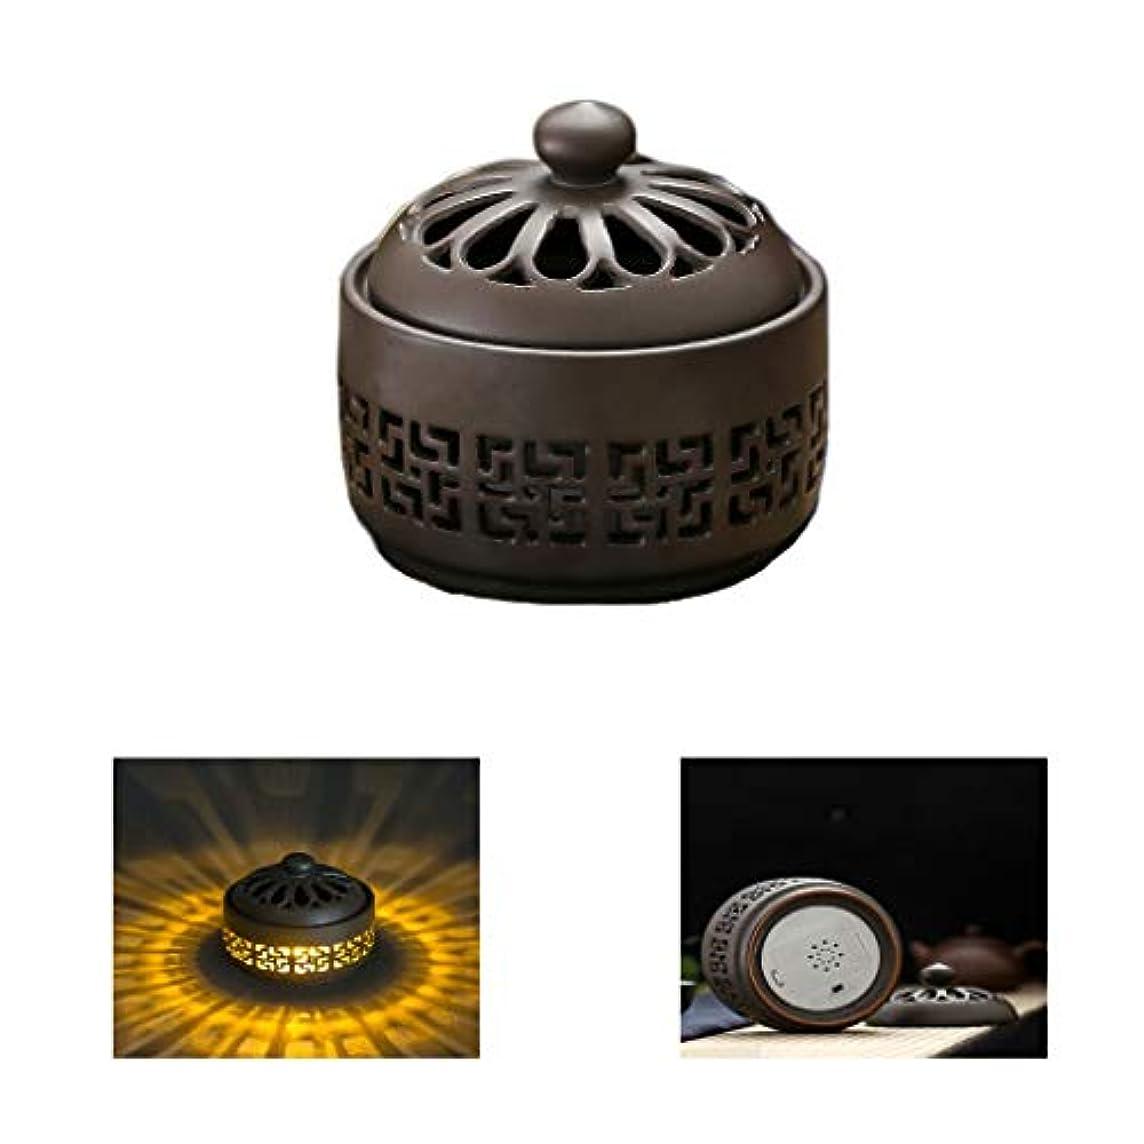 分散カニコンサート芳香器?アロマバーナー LED暖かい光香バーナーレトロノスタルジックなセラミック香炉高温アロマセラピー炉 アロマバーナー (Color : Earth tones)